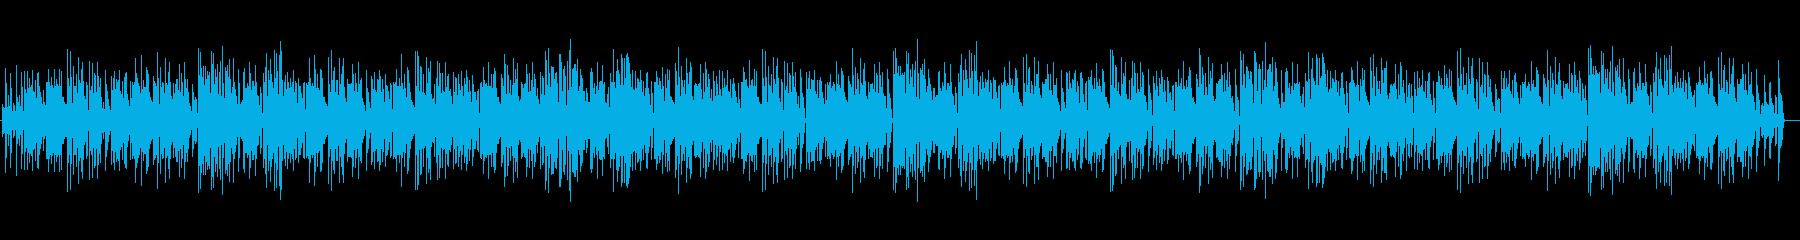 ピアノを使った楽しくて穏やかなBGMの再生済みの波形